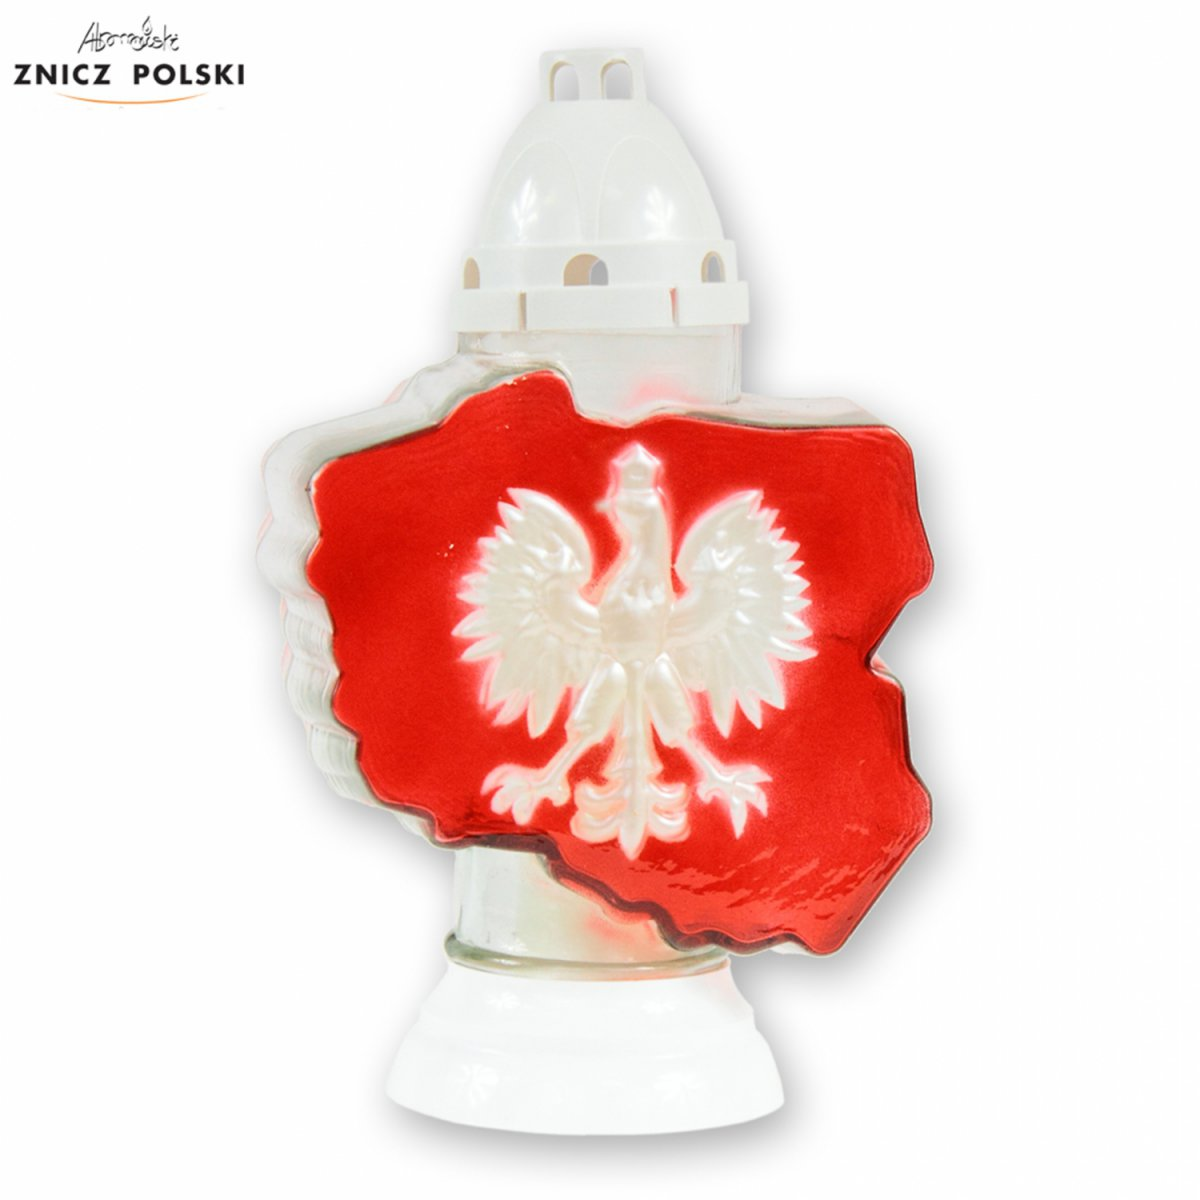 Znalezione obrazy dla zapytania znicz polski